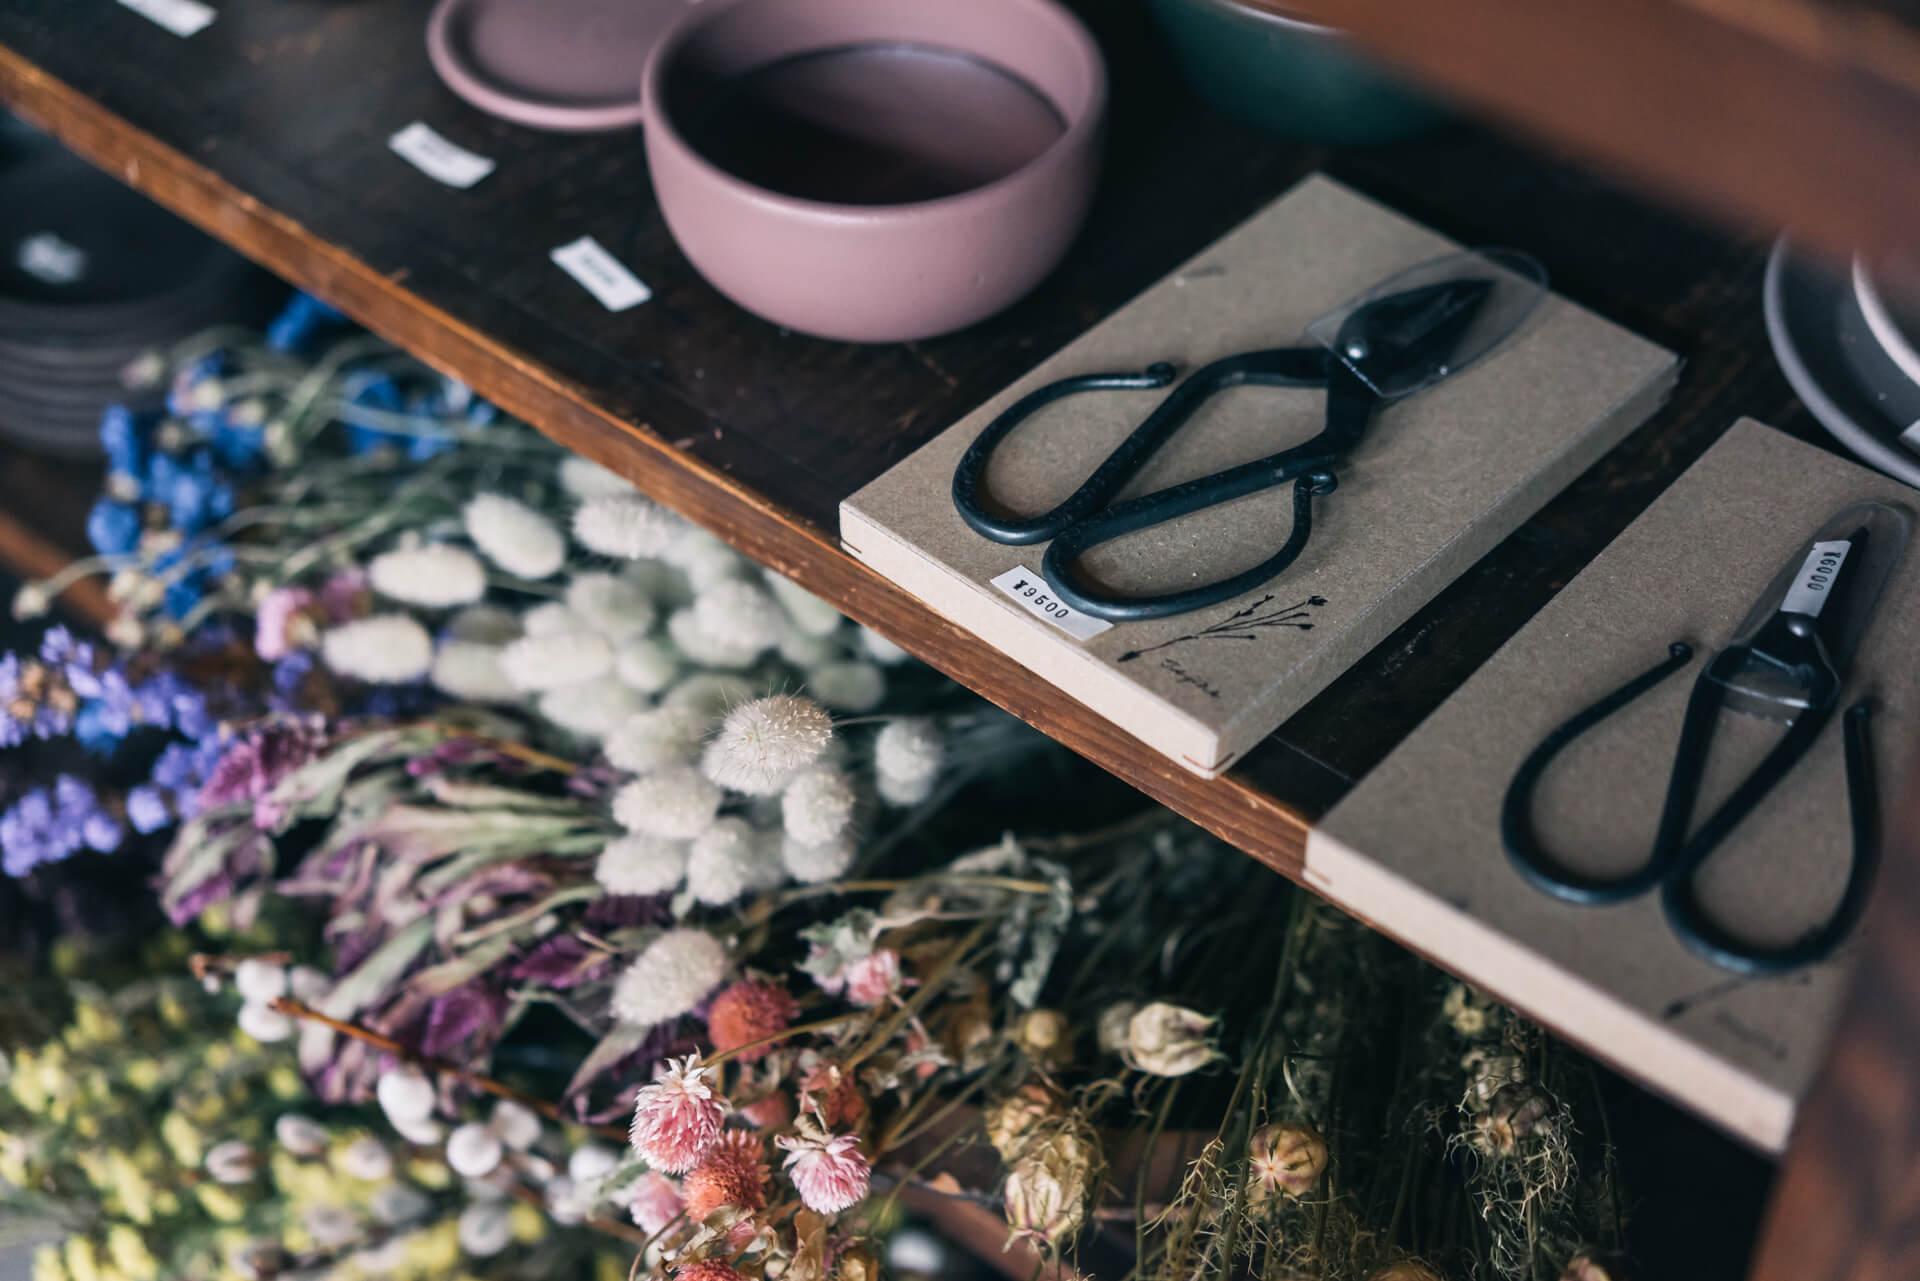 花鋏は兵庫県で4代に渡って鋏をつくりつづける多鹿治夫鋏製作所「TAjiKA」のもの。イクスでは、なるべくストーリーのある商品を紹介することを心がけているそうです。